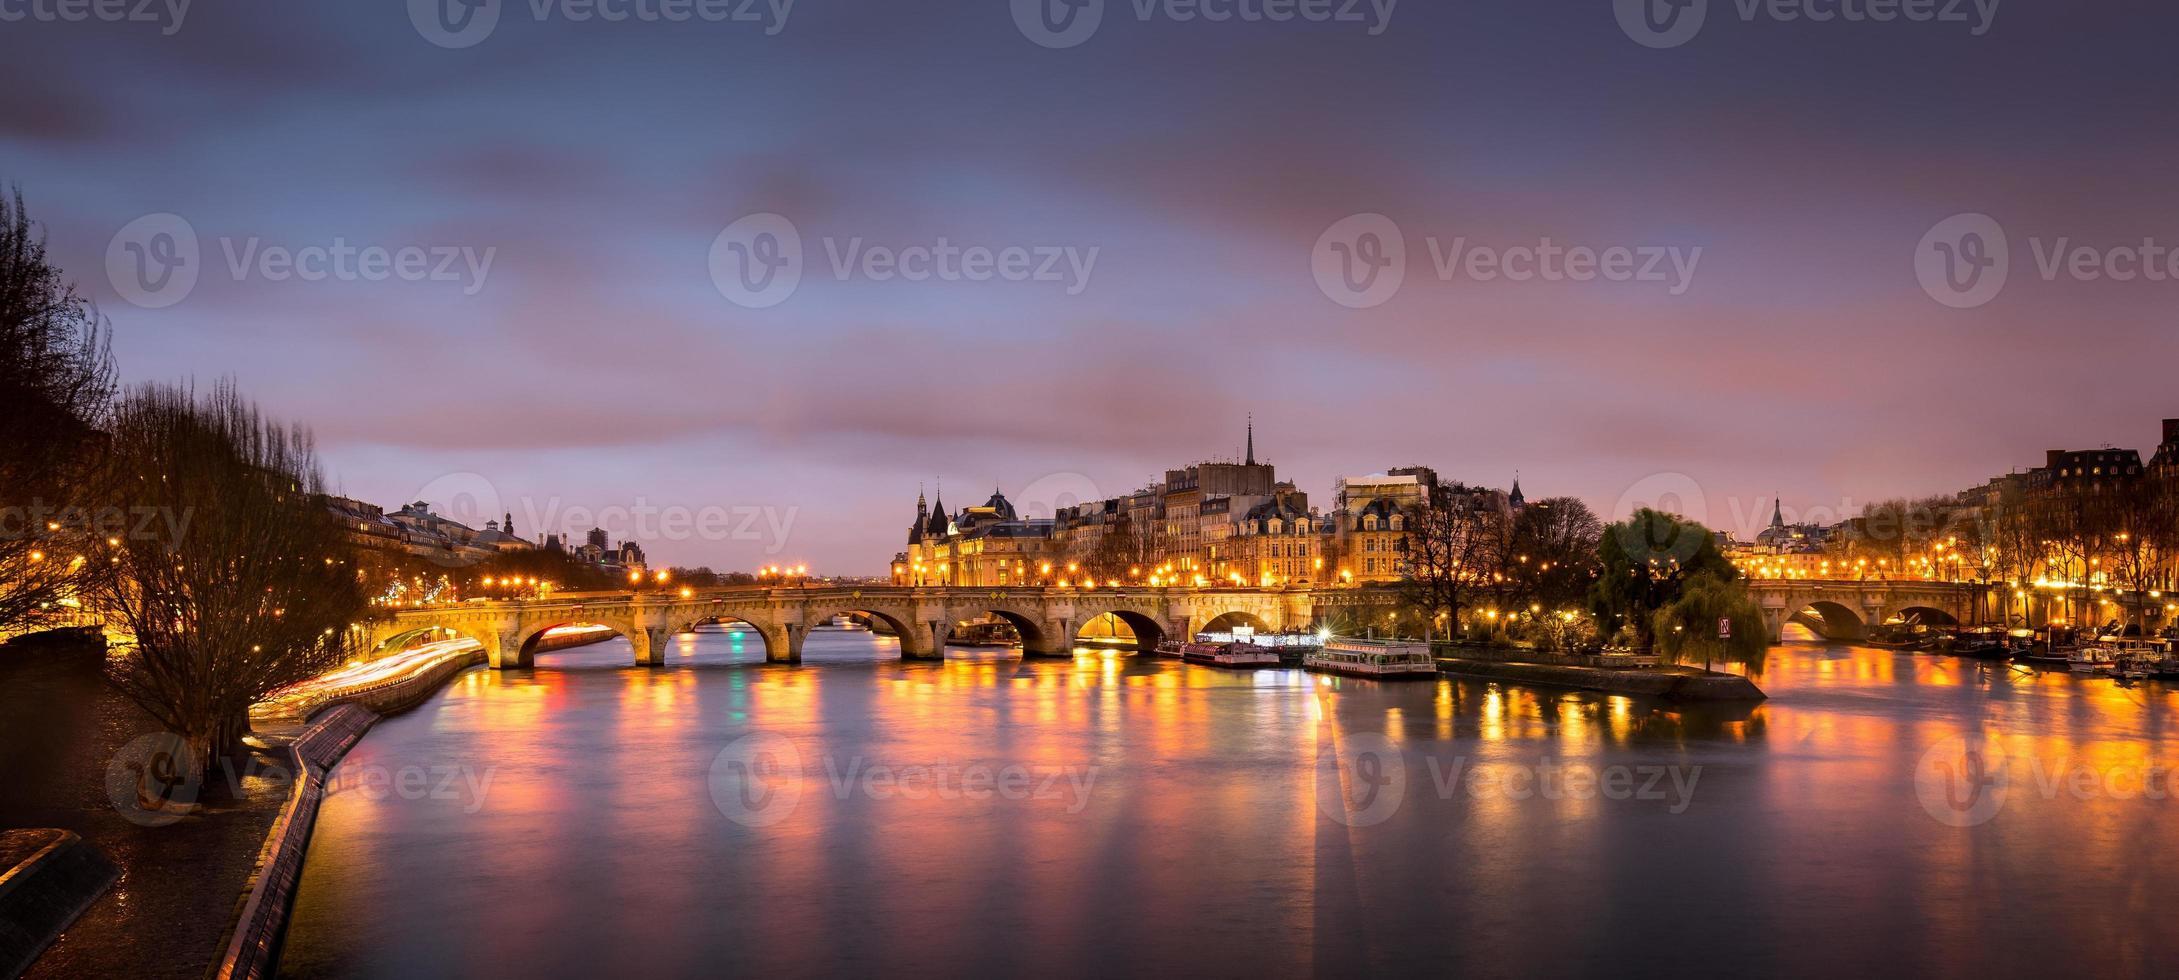 Parigi Ile de la Cité e Pont Neuf all'alba foto